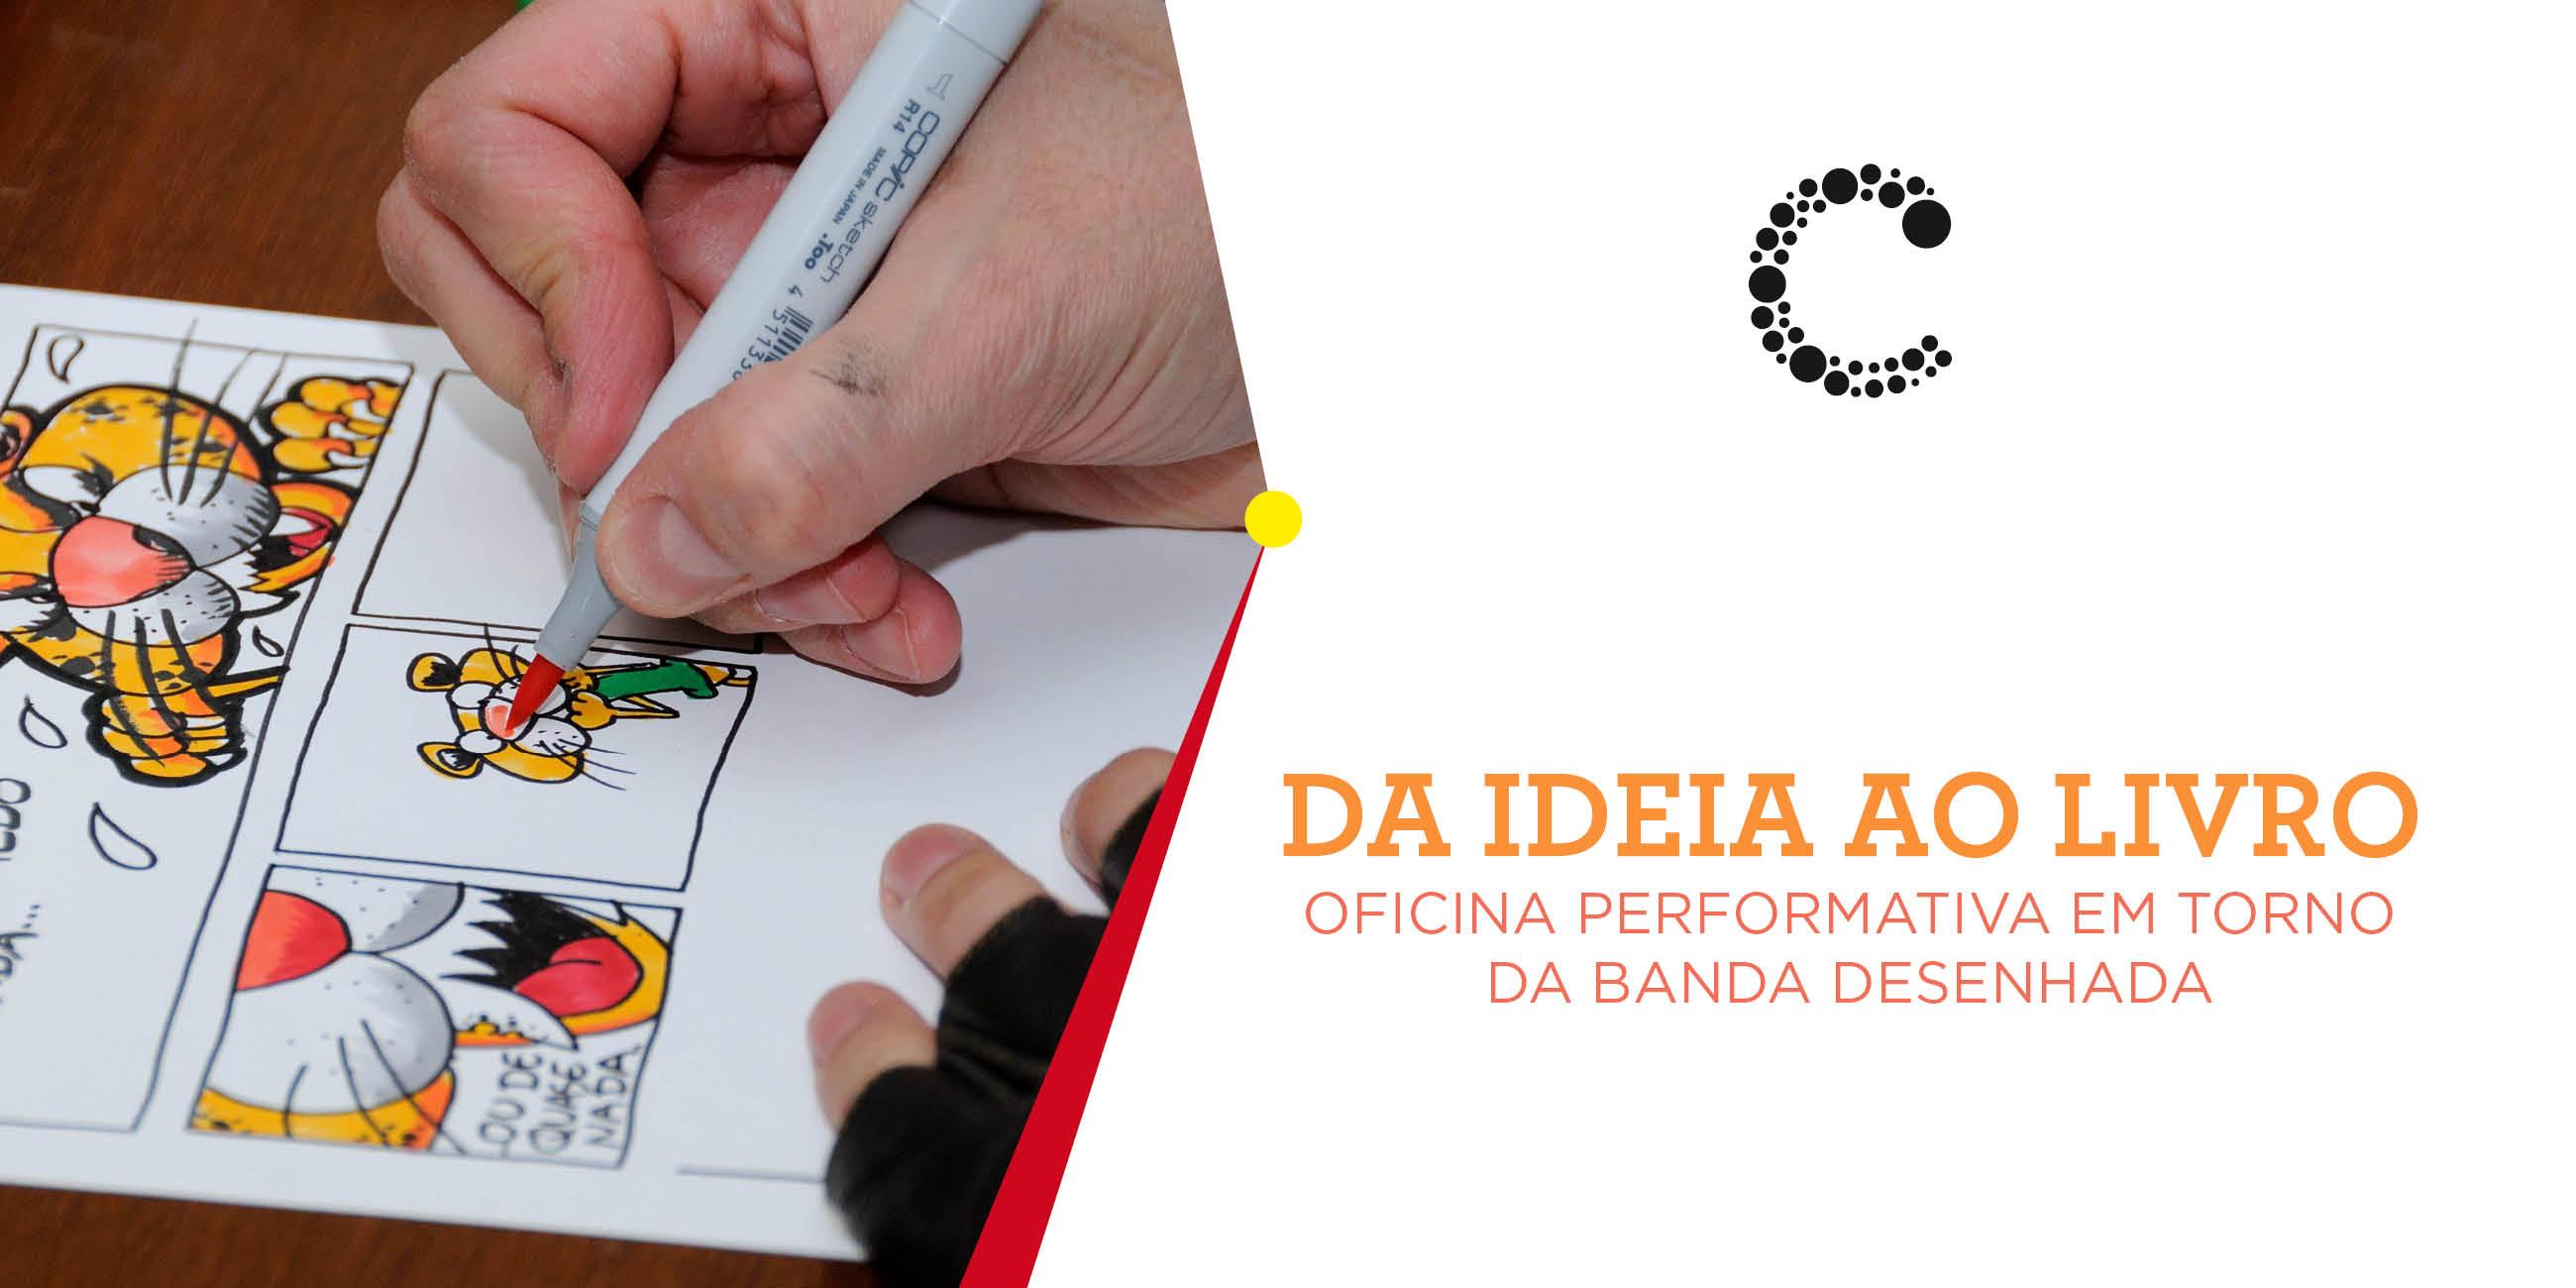 Da Ideia ao Livro | Oficina Performativa em Torno da Banda Desenhada